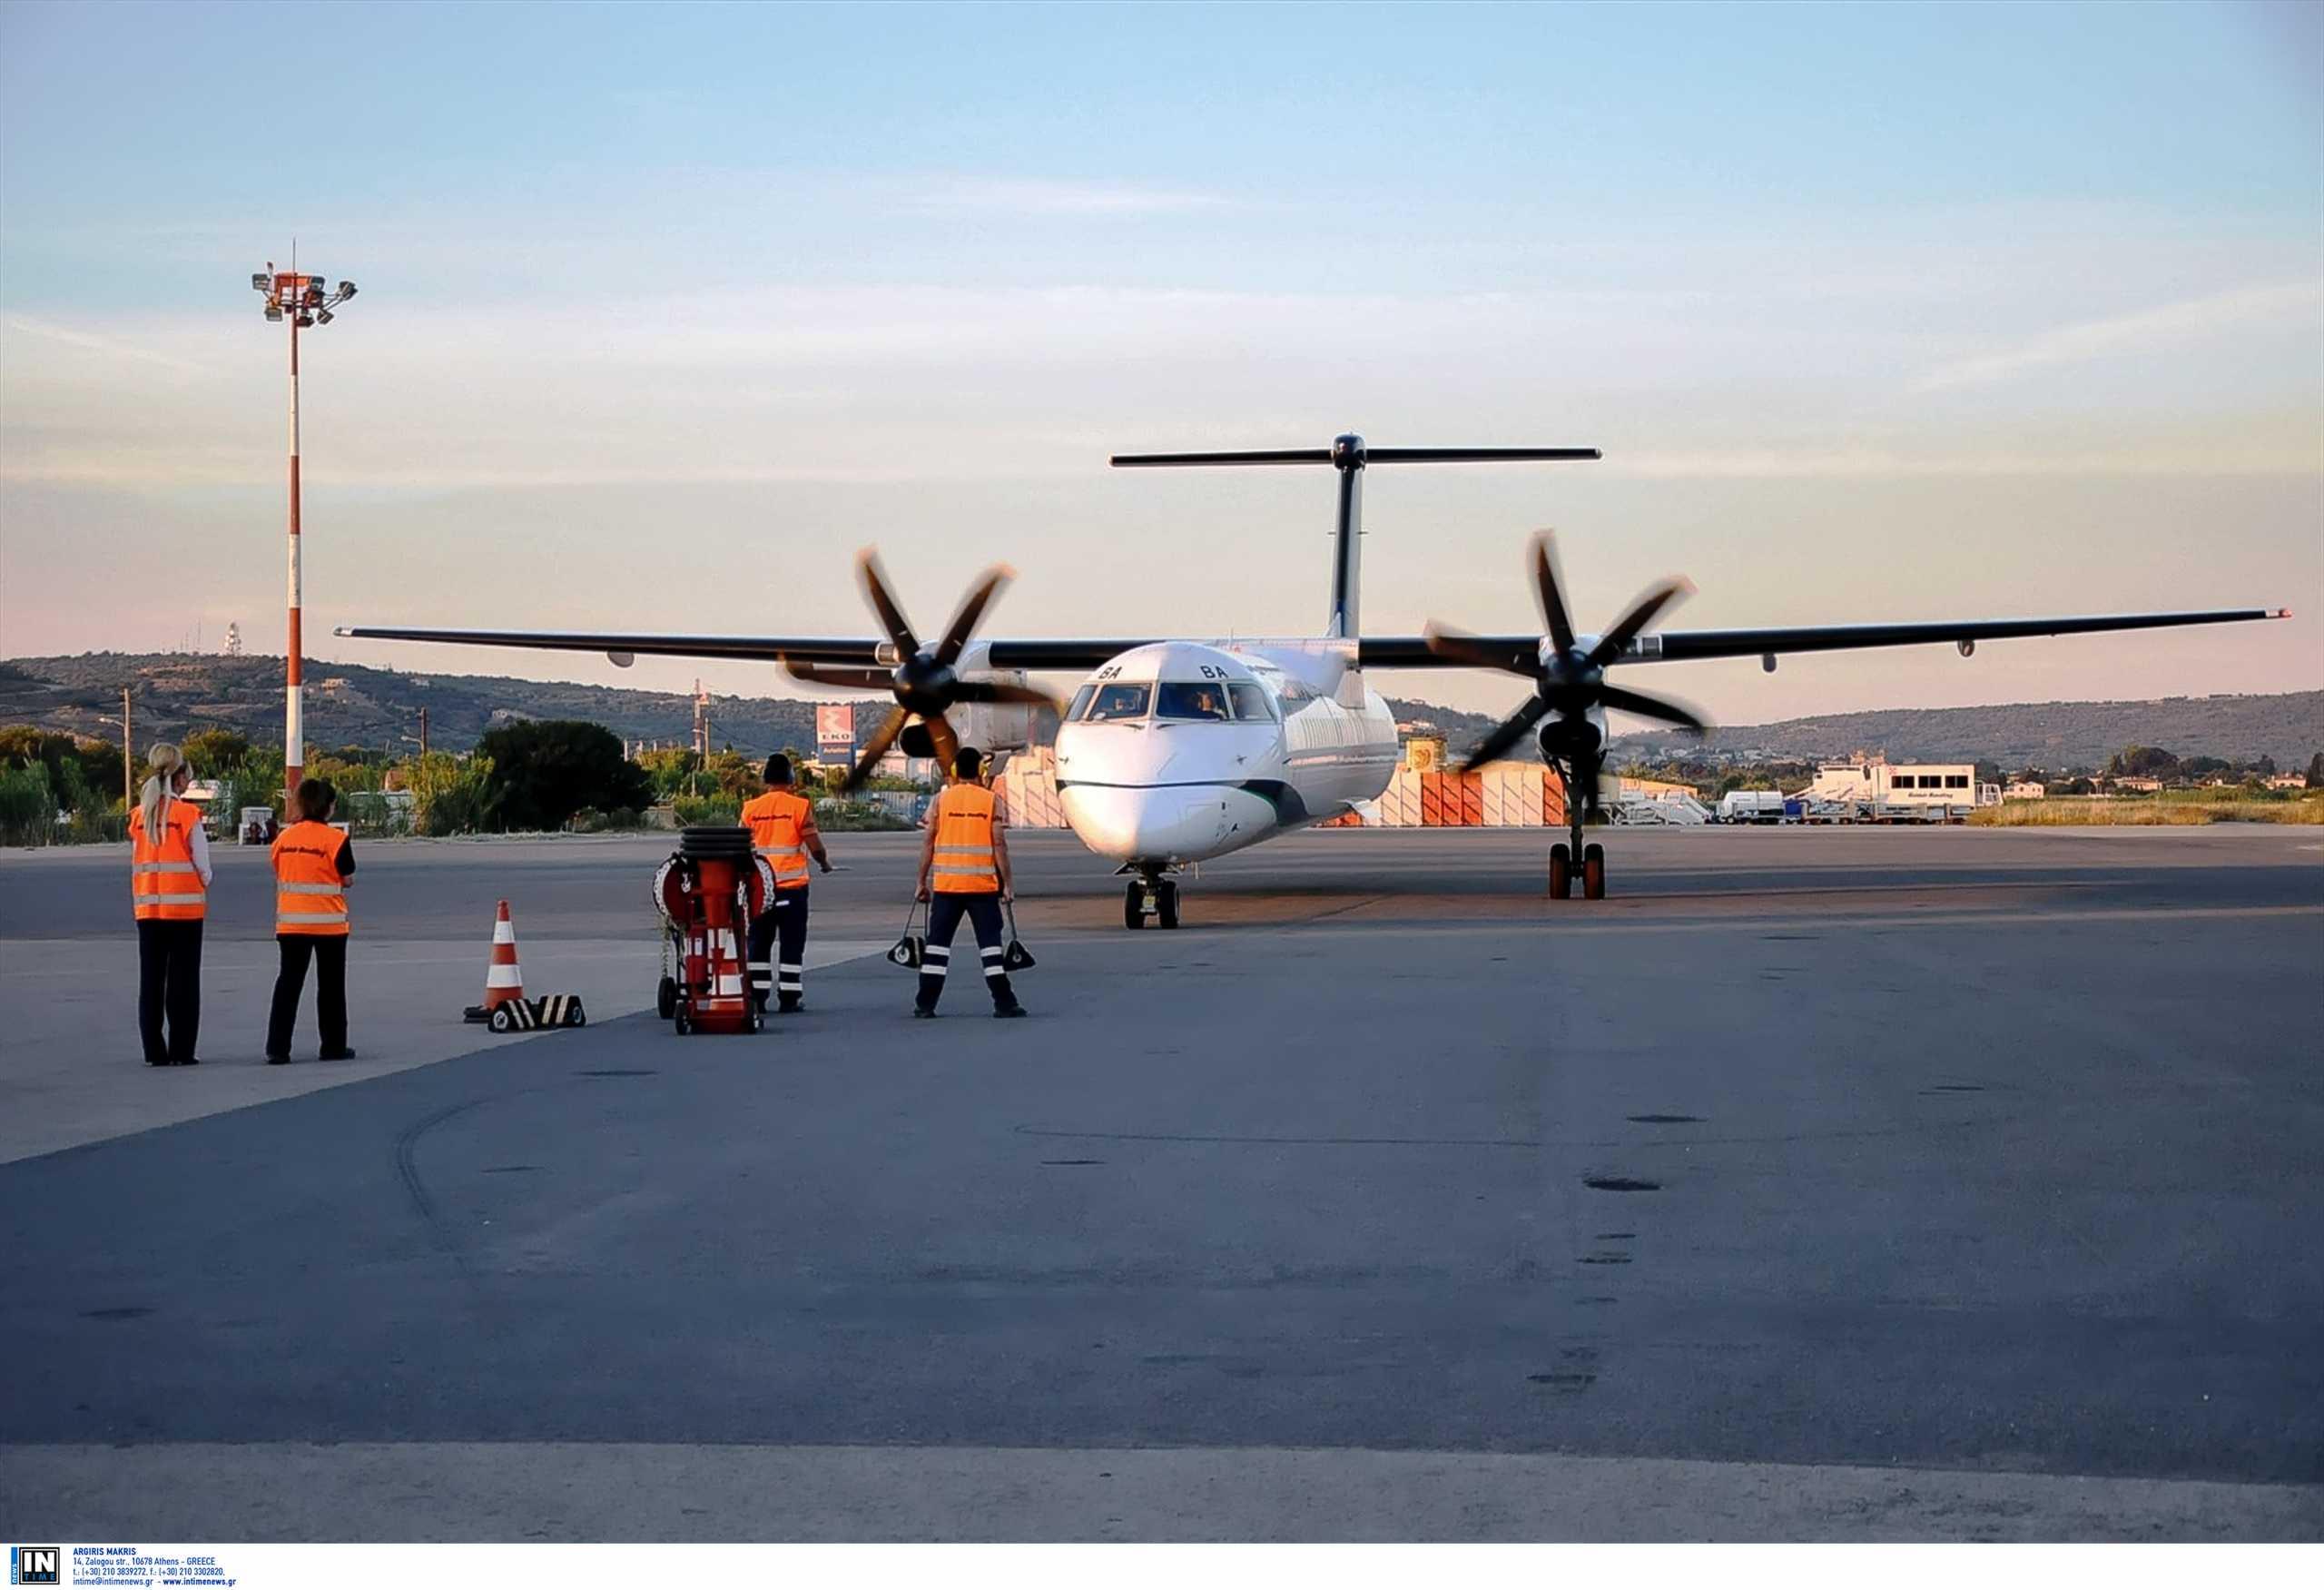 Αεροδρόμιο Καλαμάτας: Ολοκληρώθηκε ο διαγωνισμός για την ανάδειξη συμβούλου – Ανοίγει ο δρόμος για την αξιοποίηση